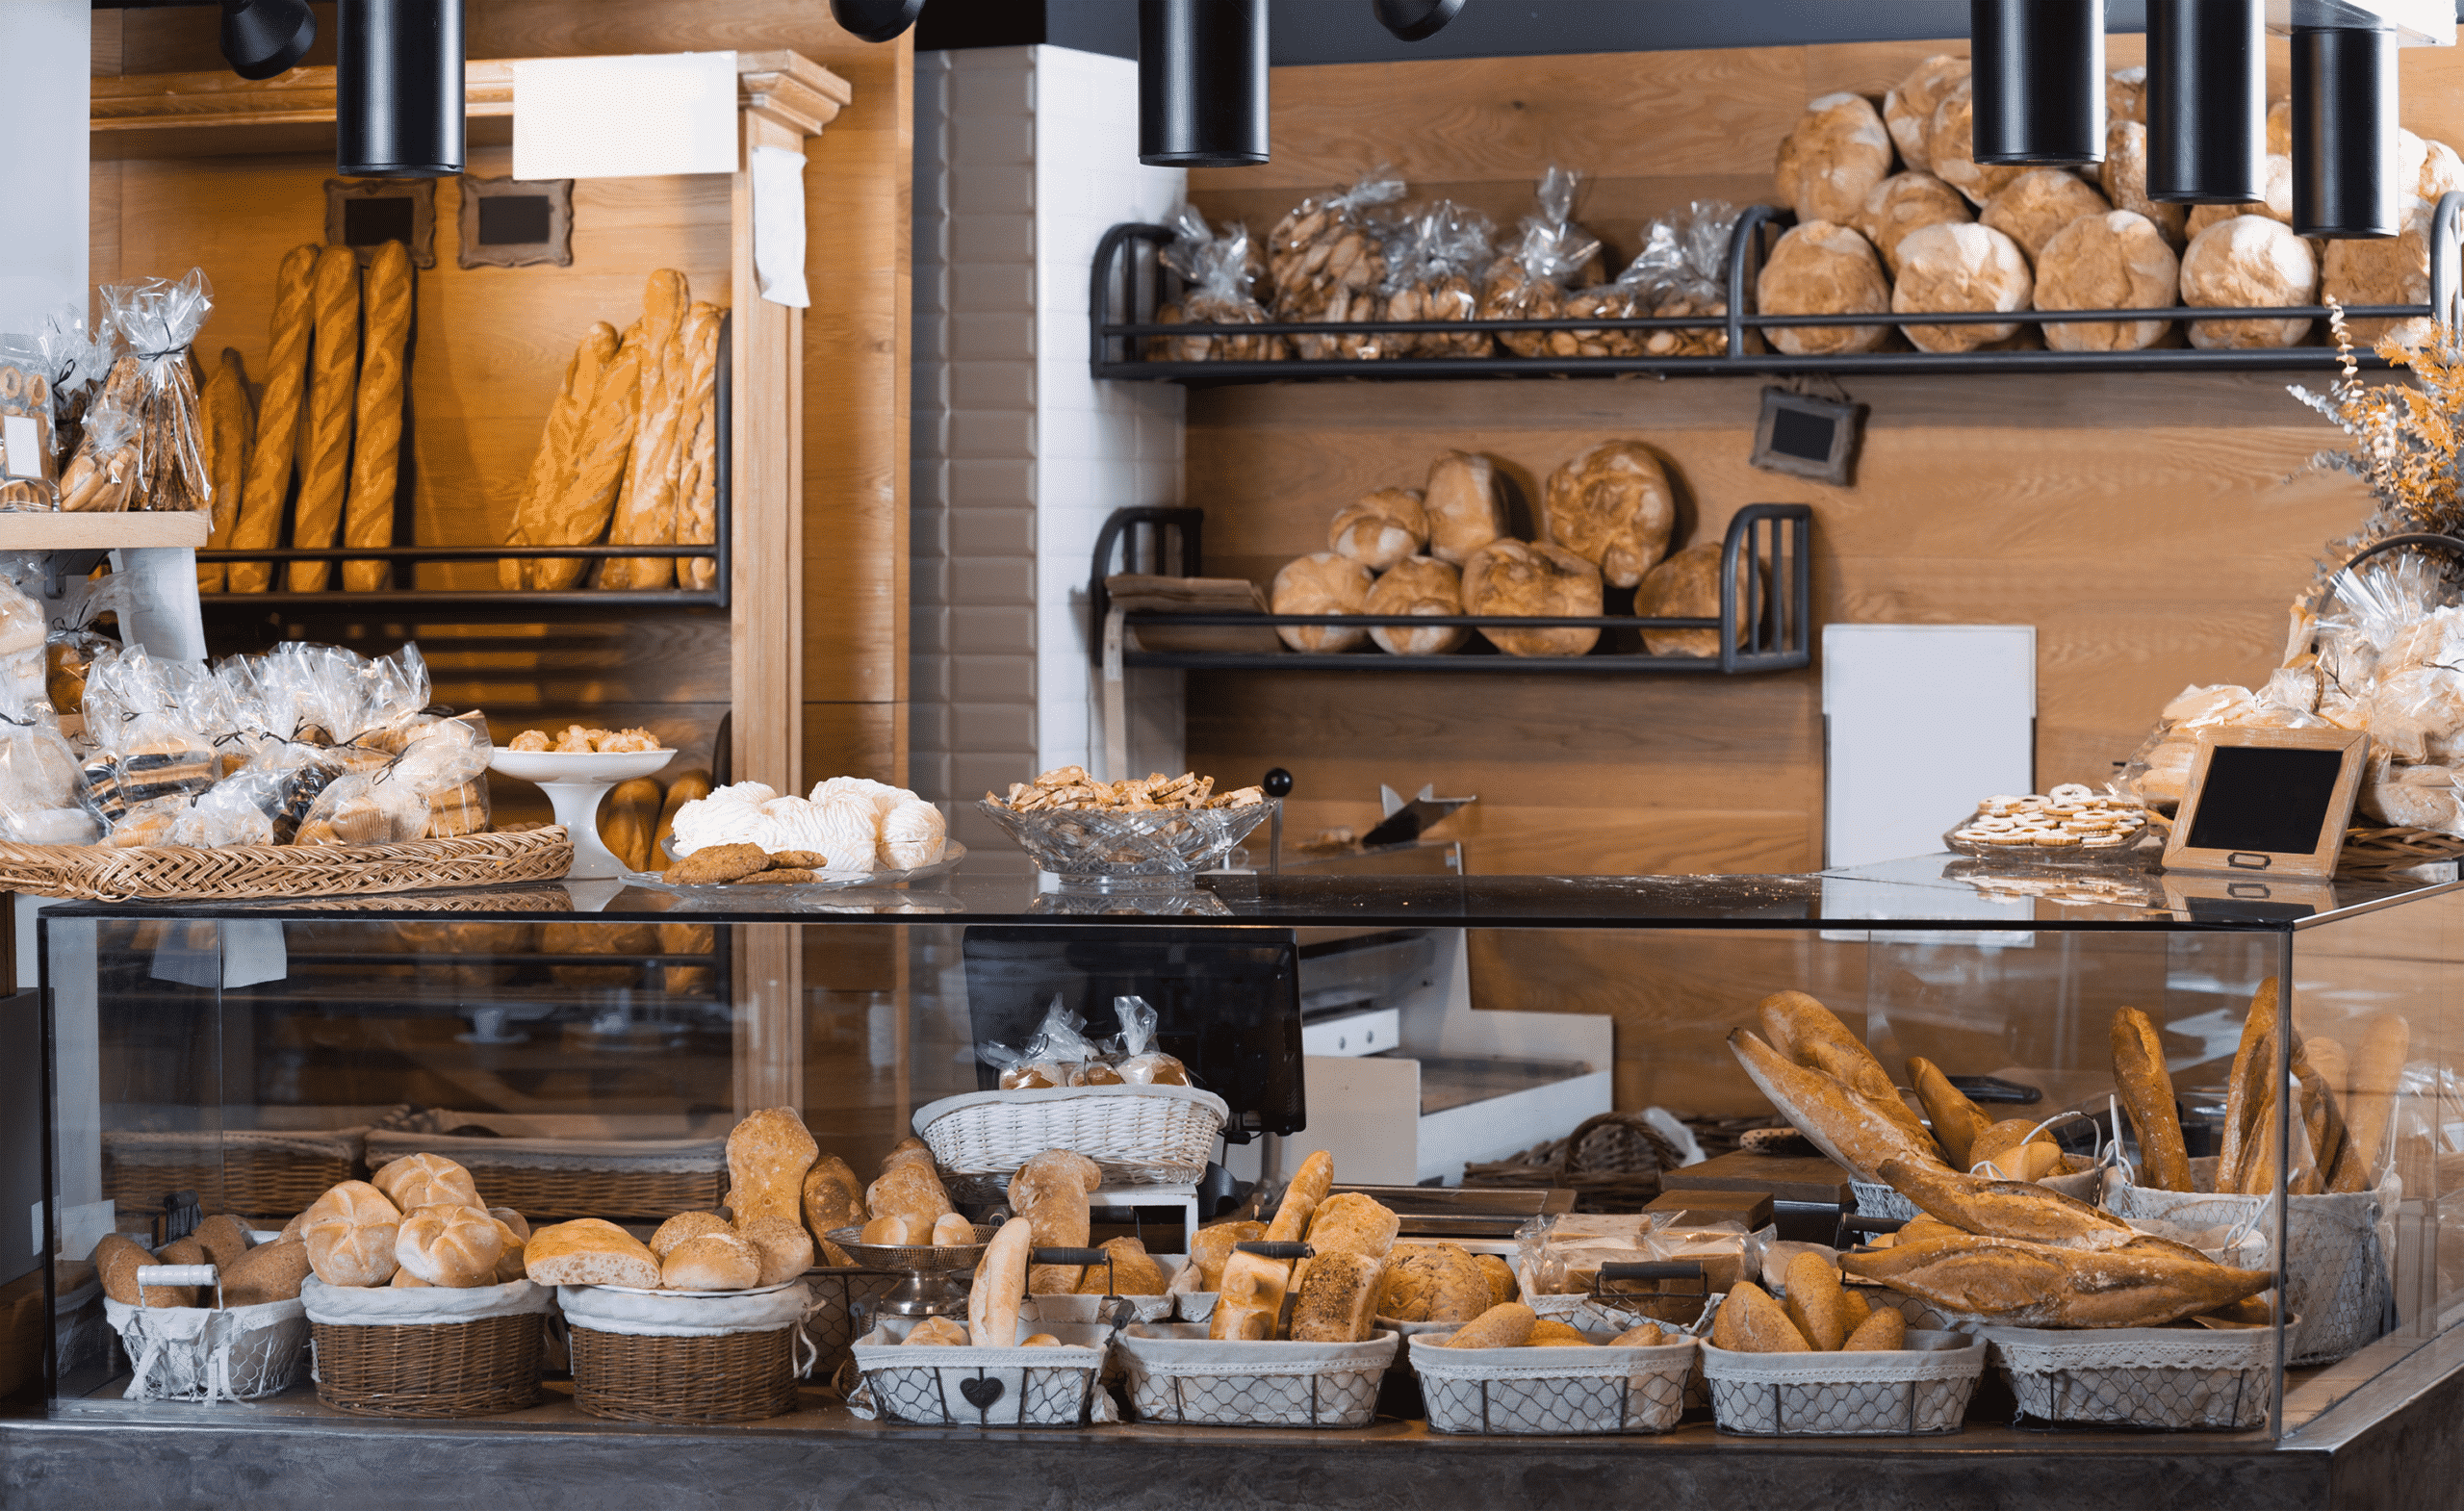 Vue sur une présentoir d'une boulangerie avec les différents types de pain en présentation.